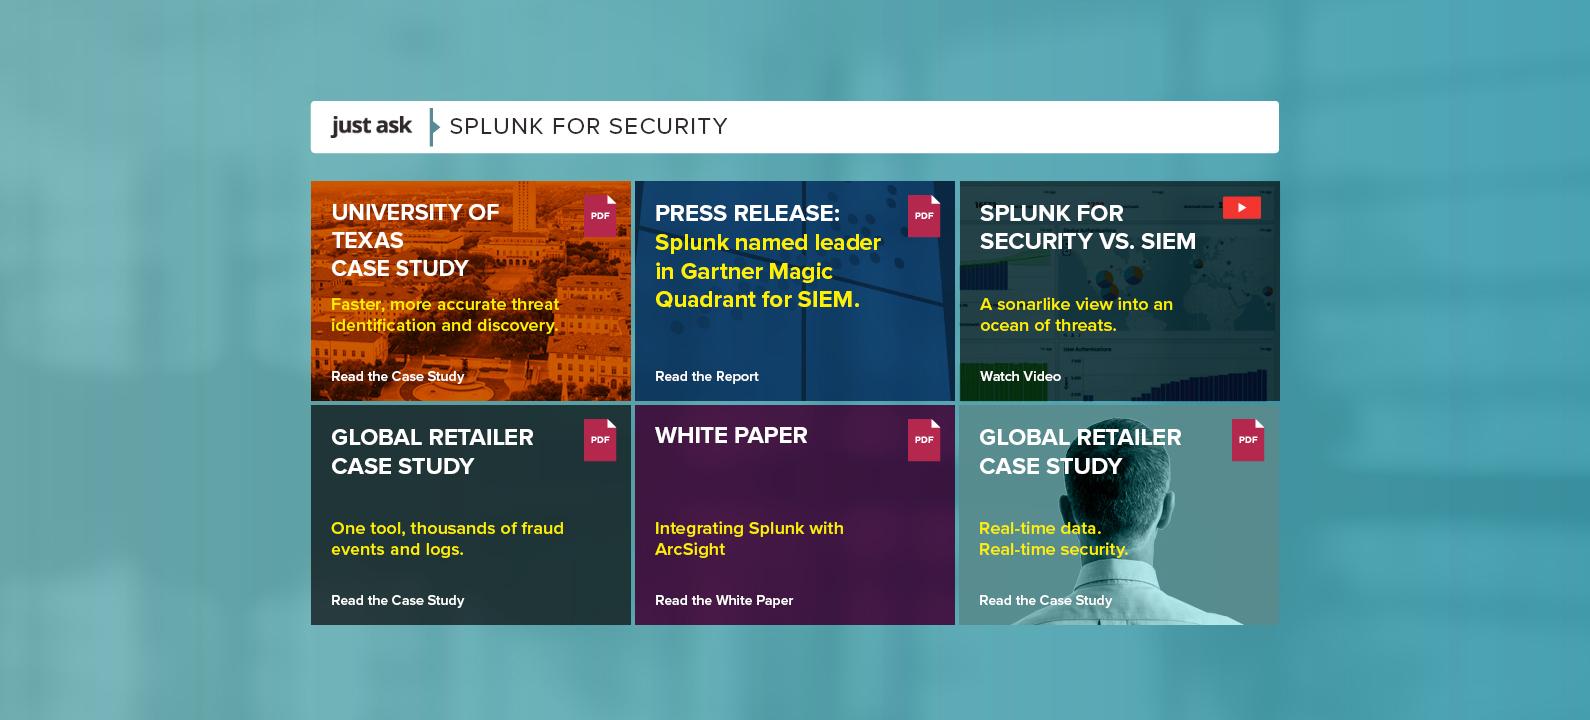 Splunk_for_Exec_Security_update.jpg